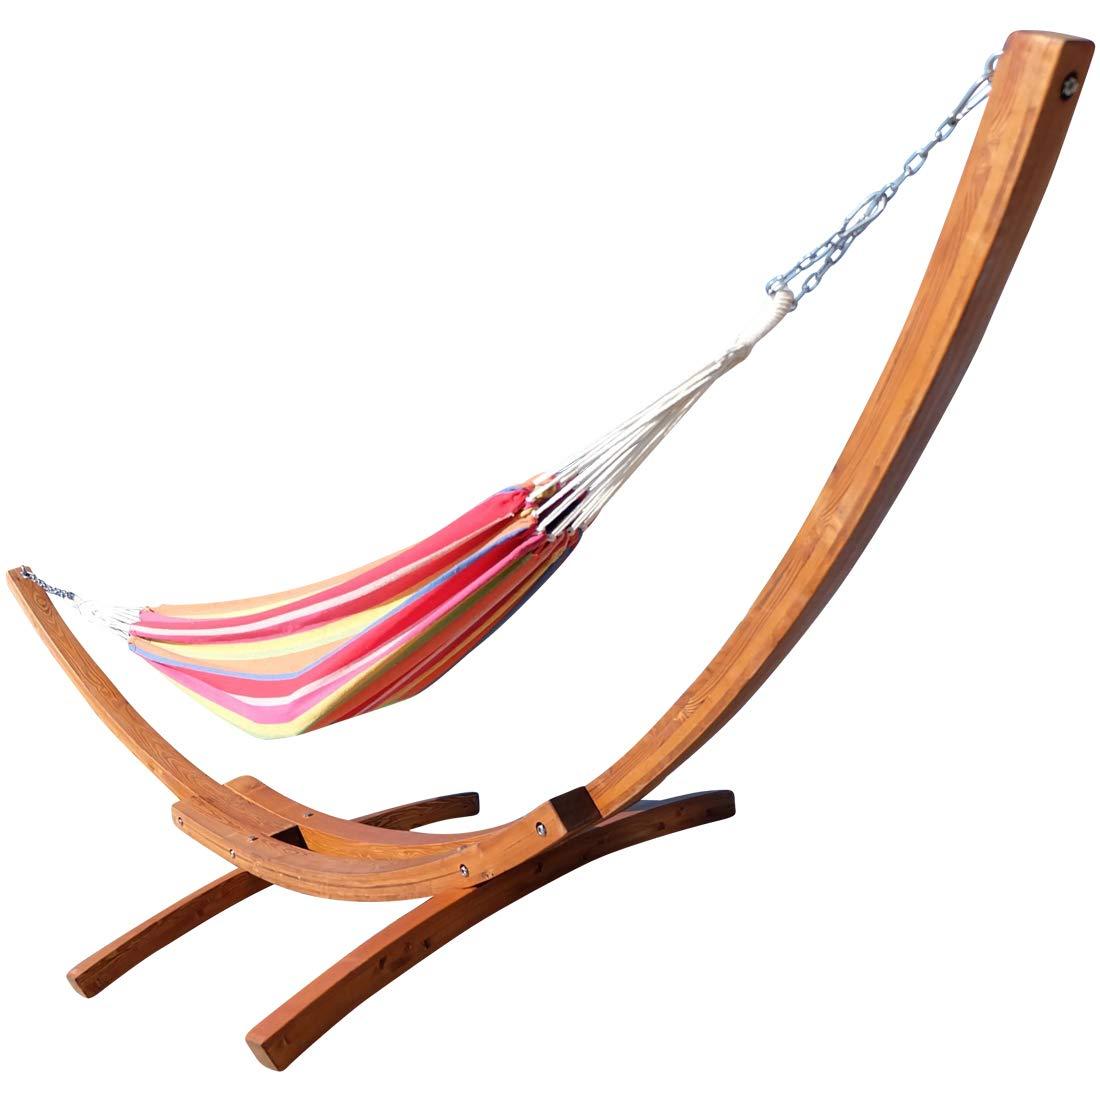 Amaca XXL deluxe nobile 410cm con cornice in legno larice mod. 'MONA' AS-S